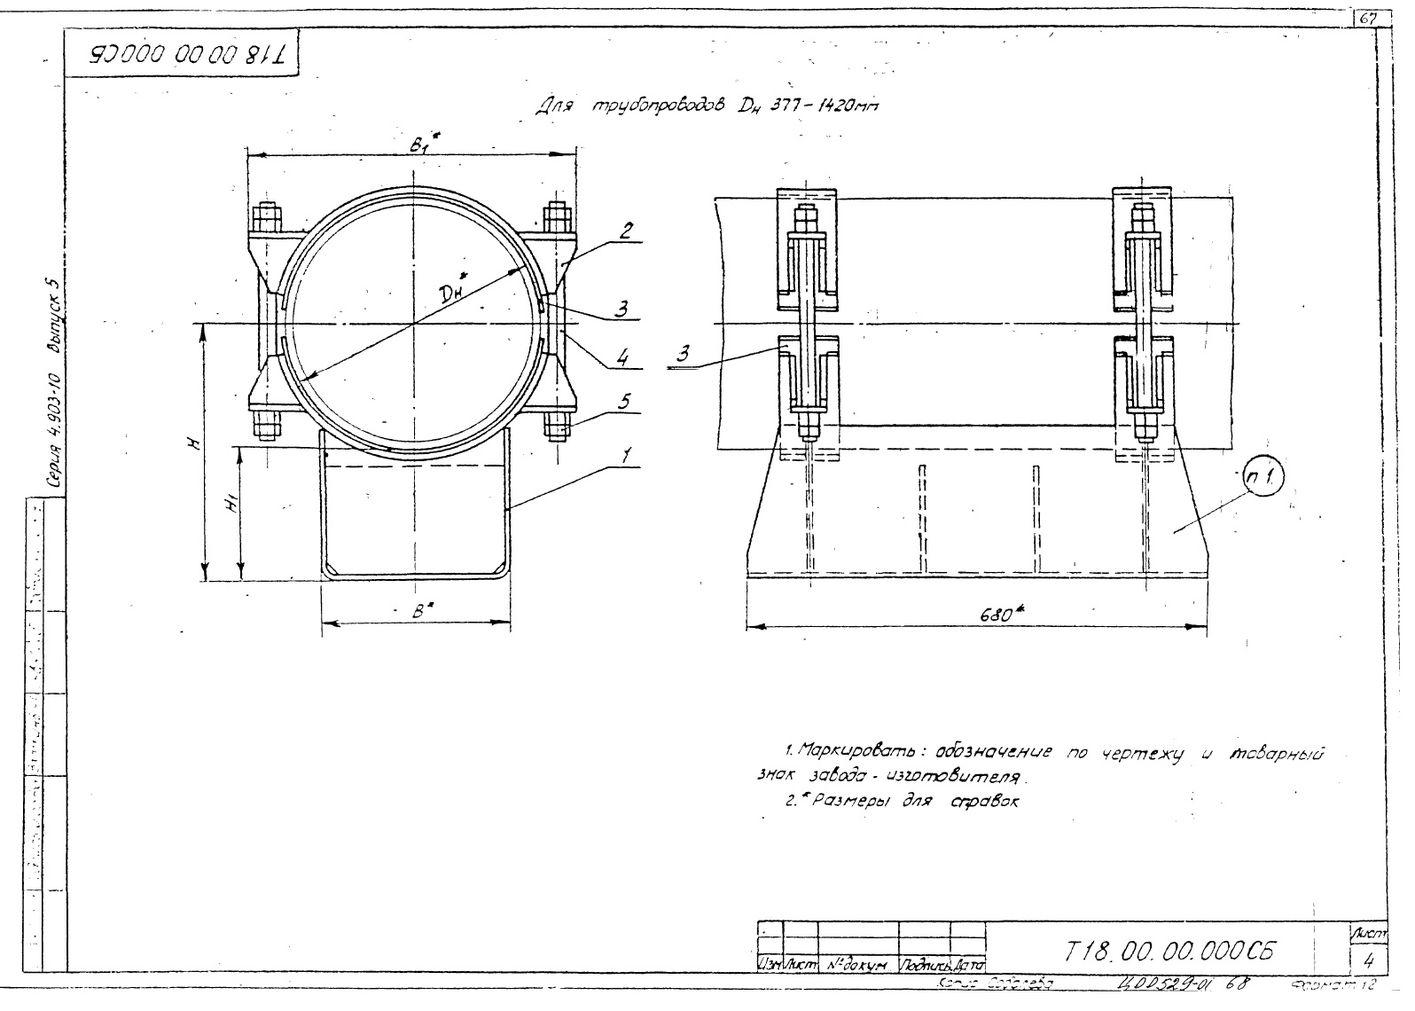 Опоры скользящие диэлектрические Т18 серия 4.903-10 вып.5 стр.4